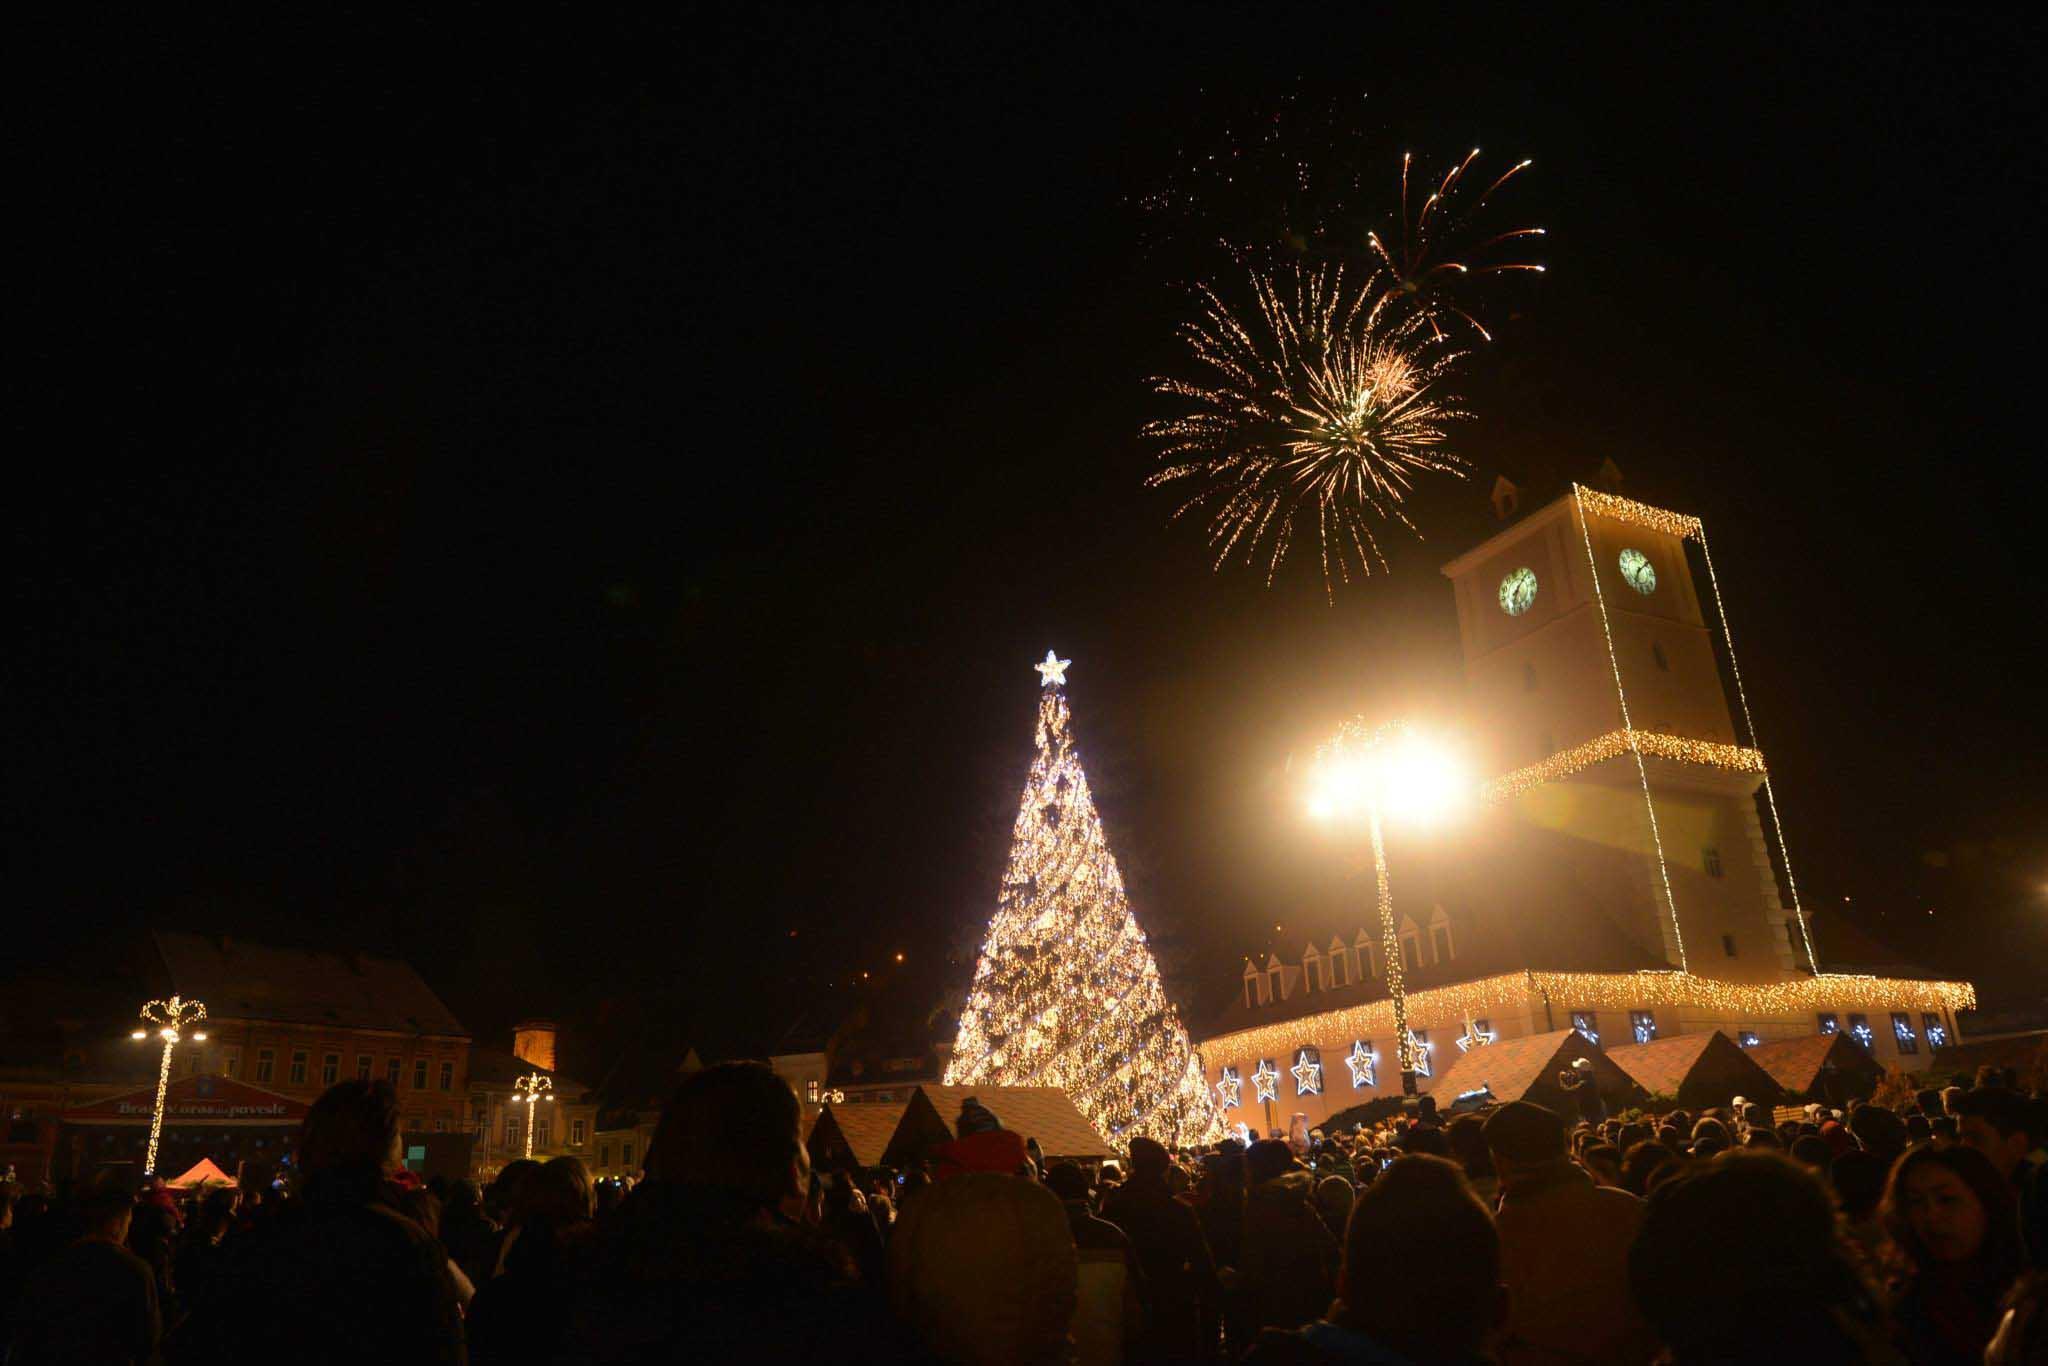 Fotogalerie: S-a aprins iluminatul de sărbătoare în Brașov. Zilele viitoare urmează alte surprize